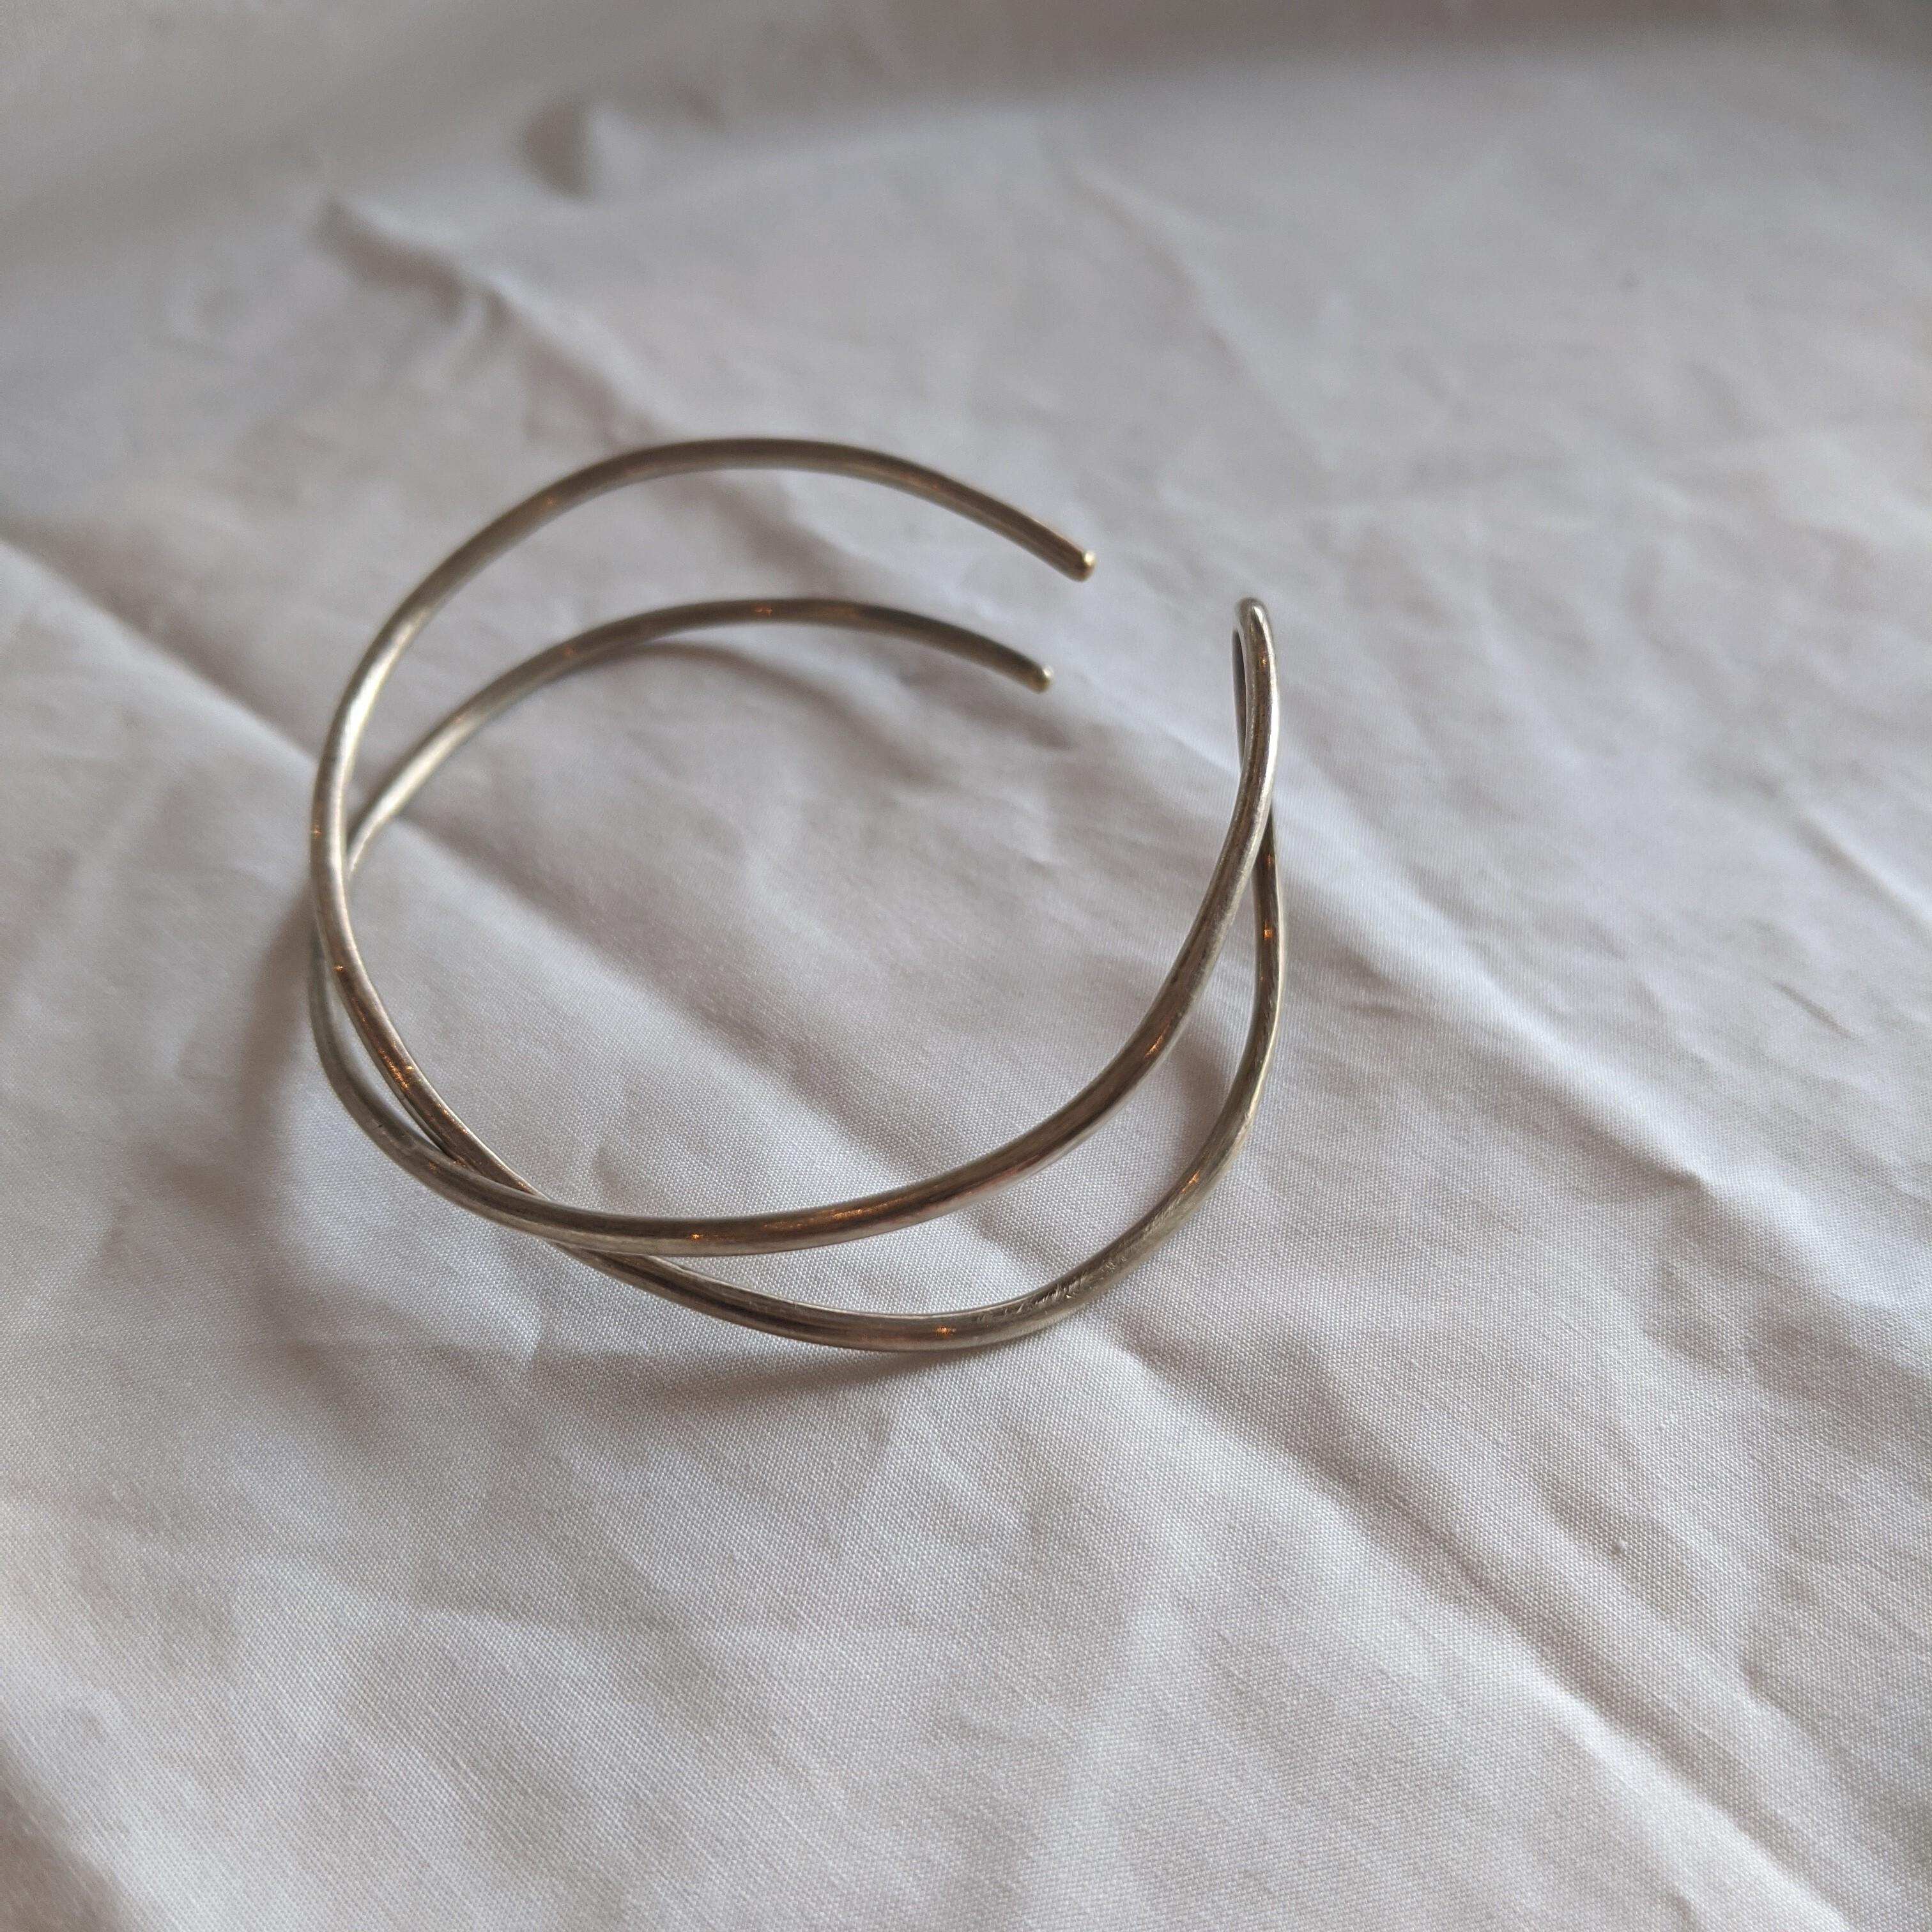 【 jomathwich 】silver bangle / B-42細 シルバーバングル マット加工